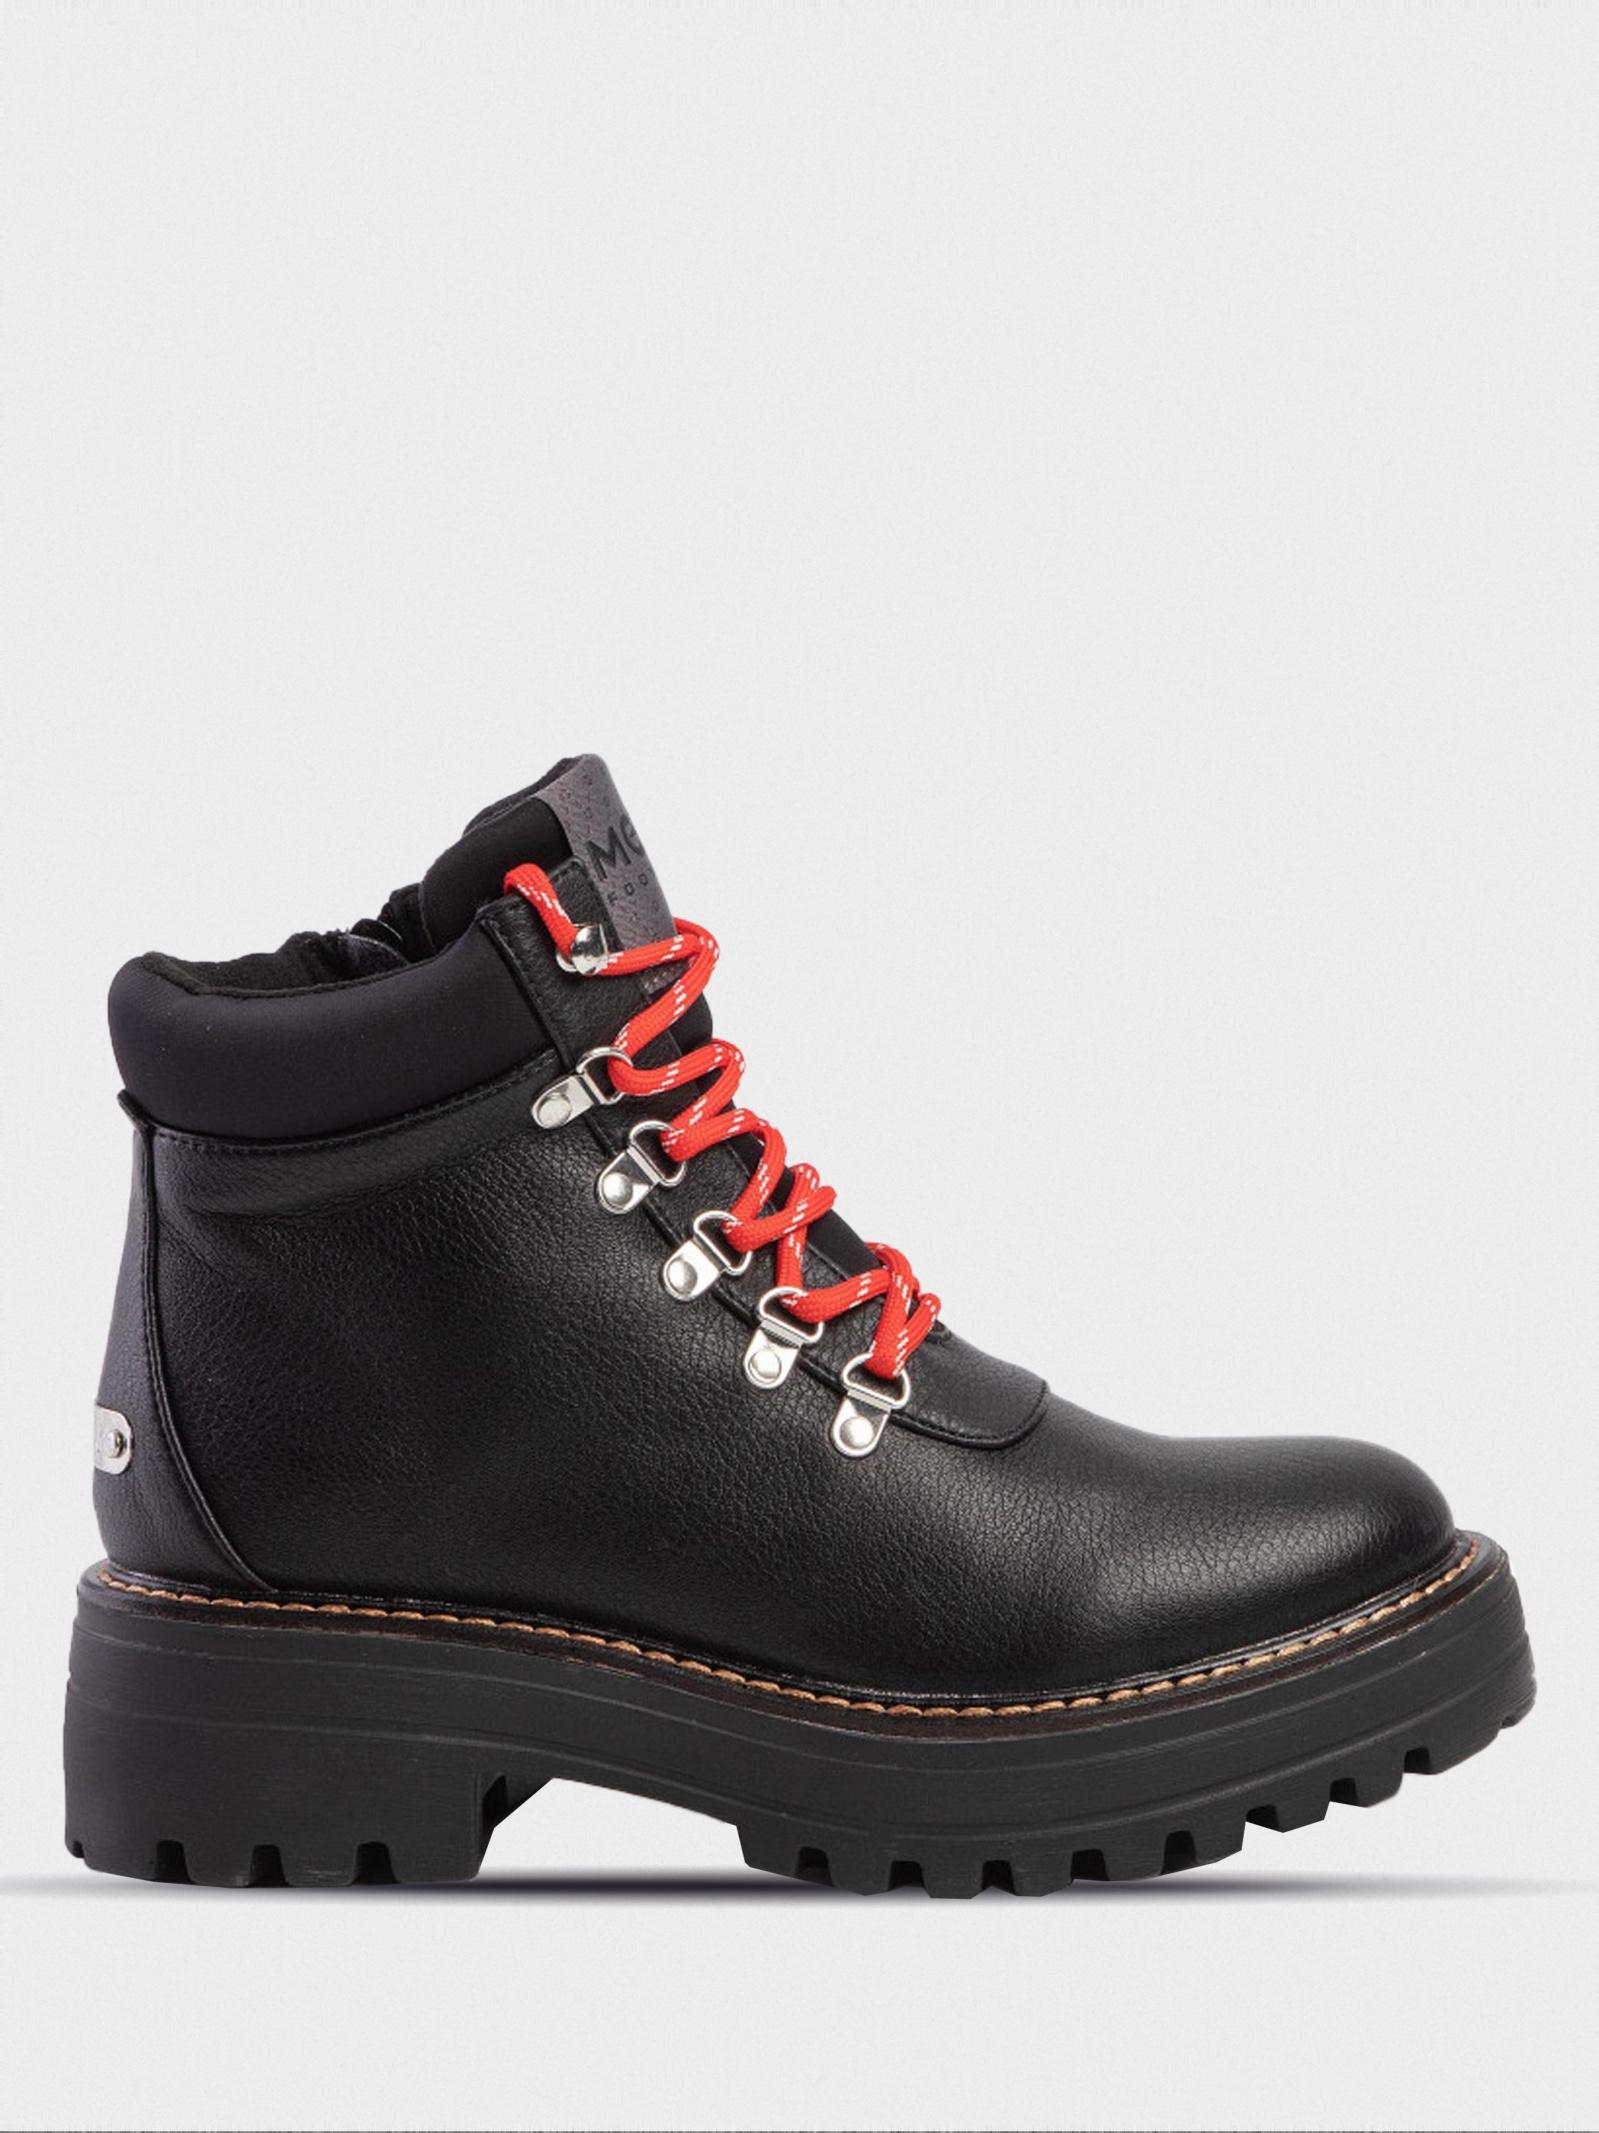 Ботинки для женщин MEXX 7L56 купить онлайн, 2017